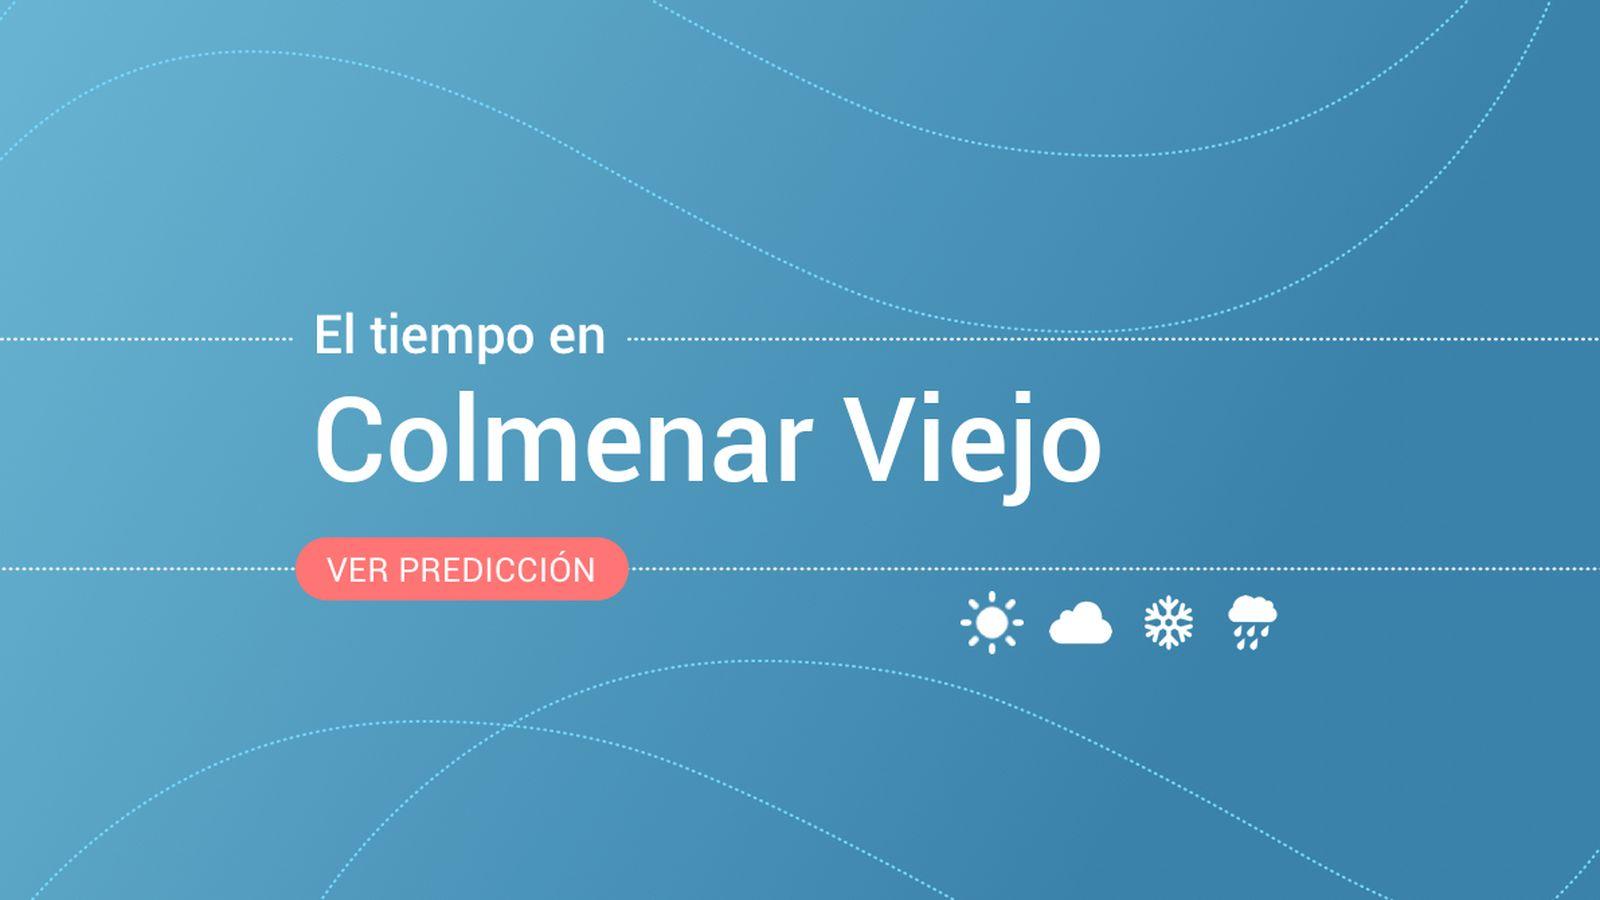 Foto: El tiempo en Colmenar Viejo. (EC)